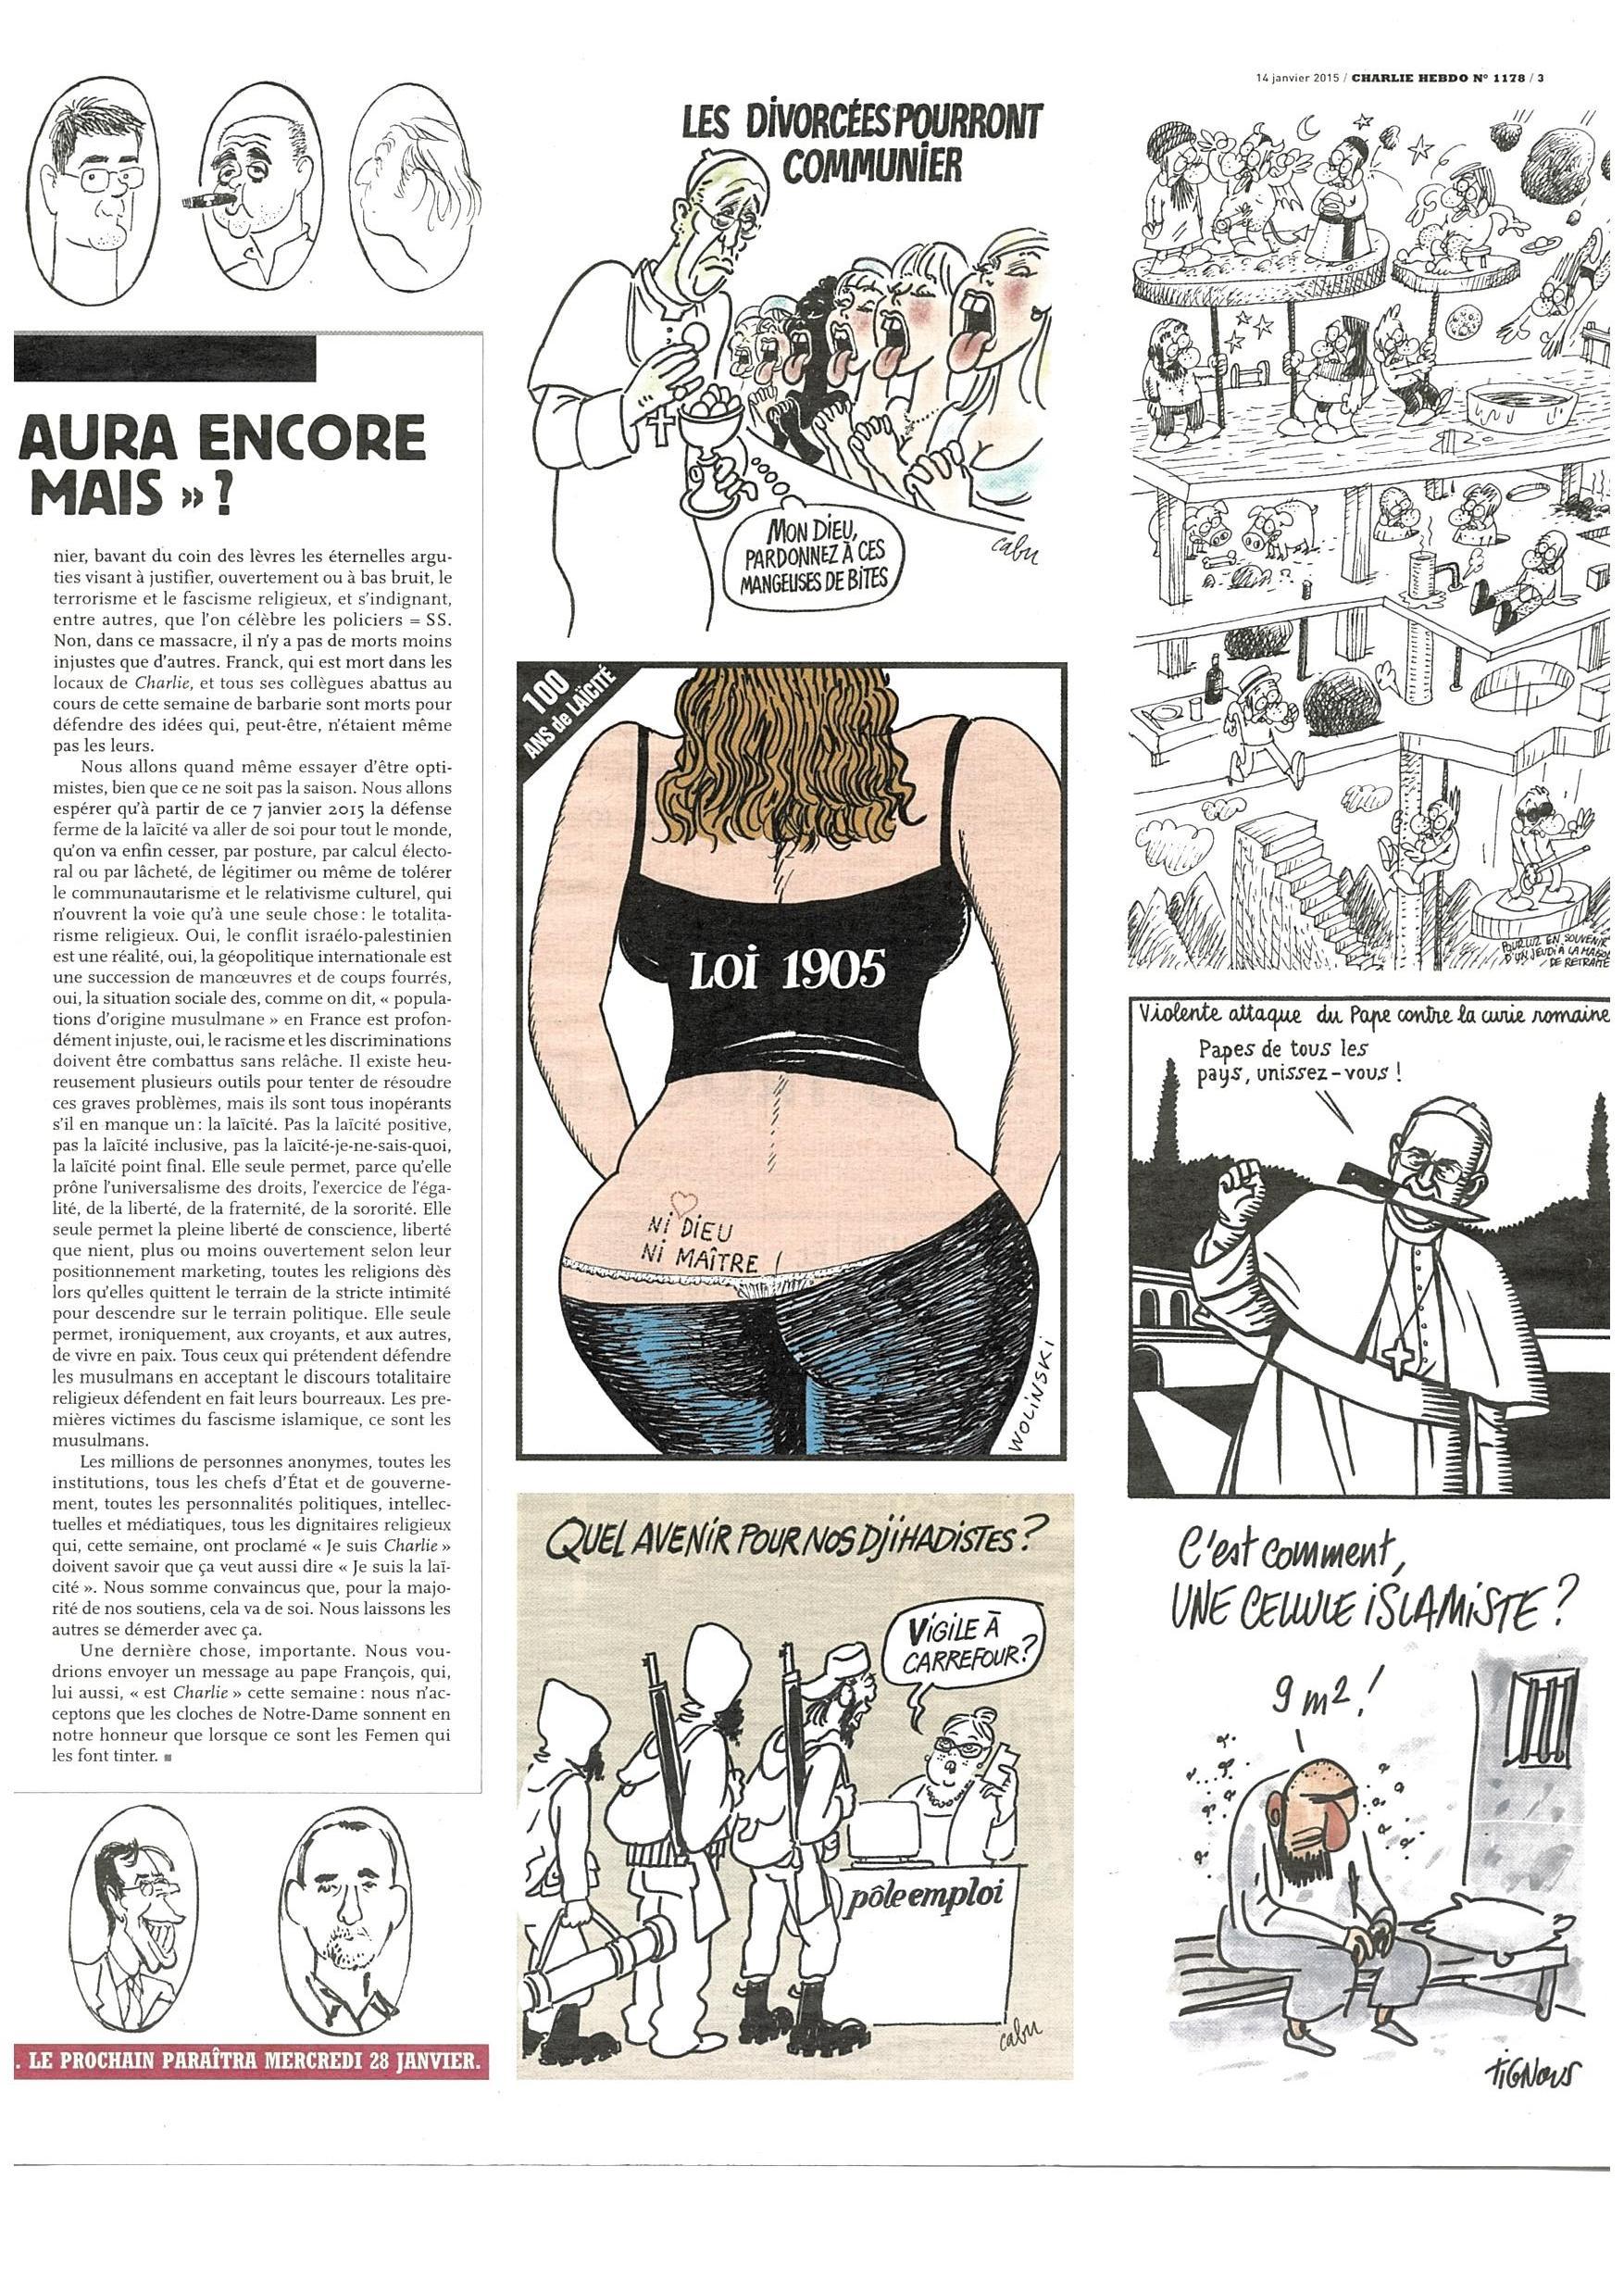 Charlie Hebdo #1178-page-003